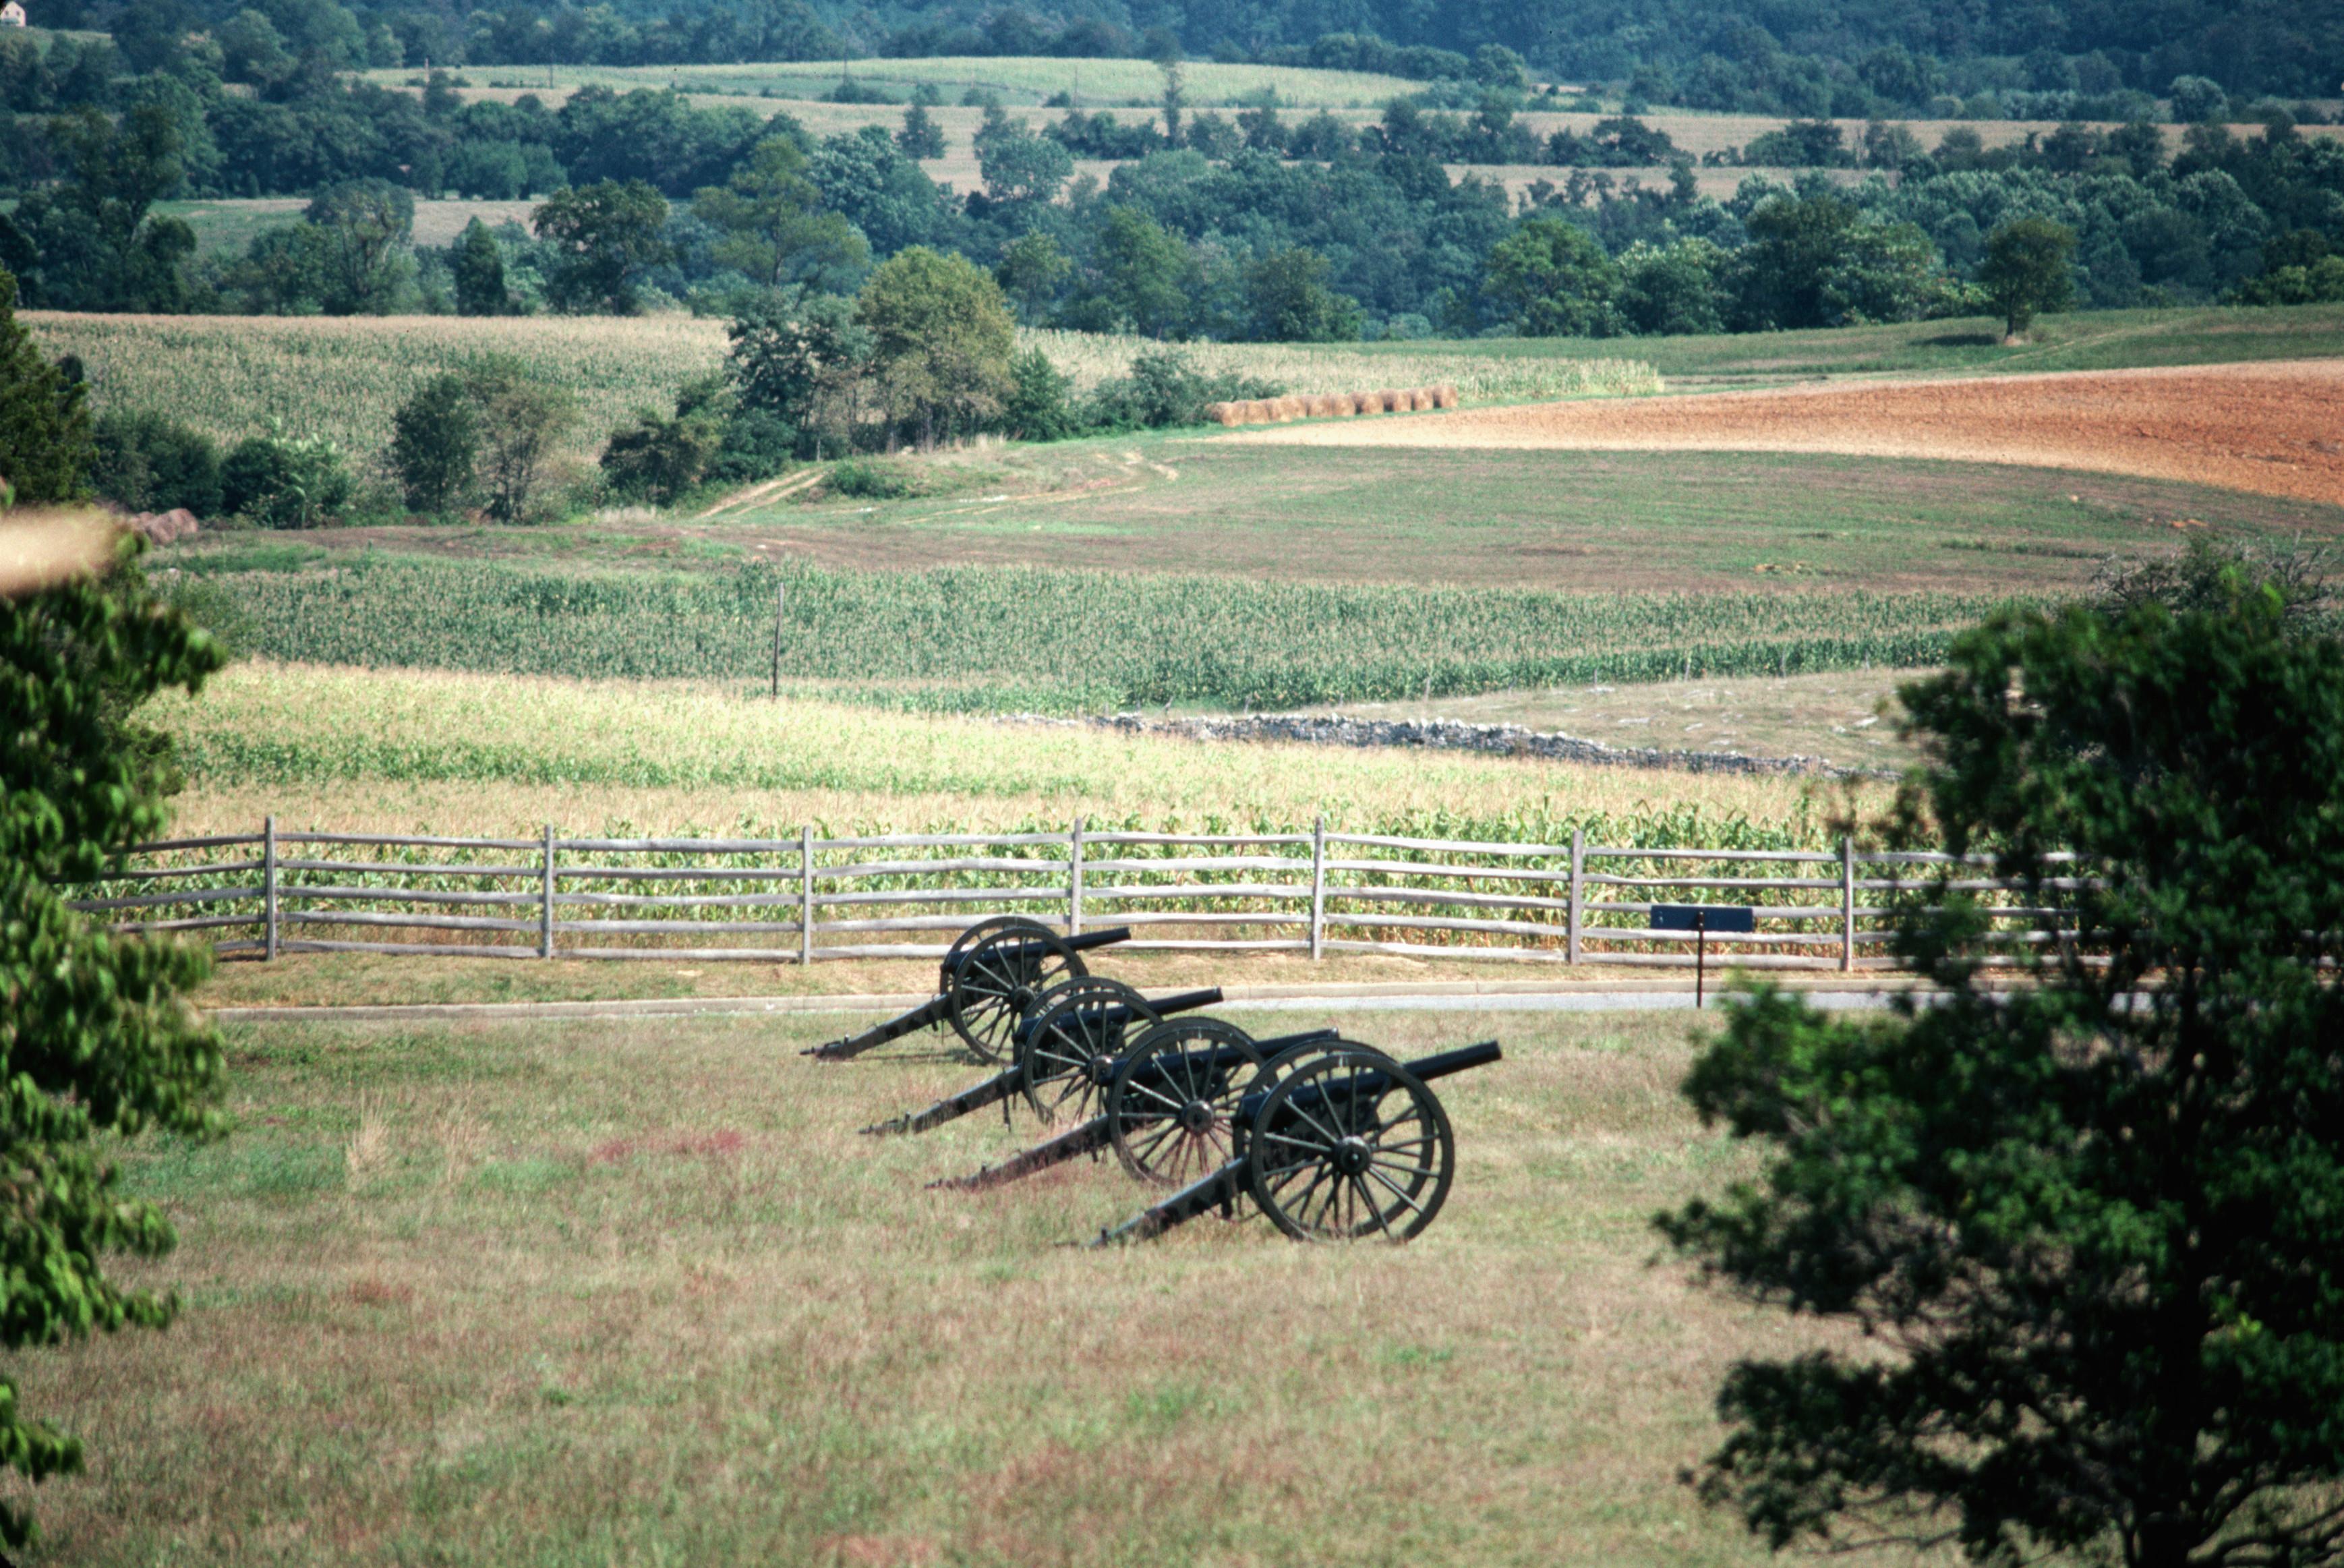 bloody-lane-at-antietam - Battle of Antietam Pictures ...